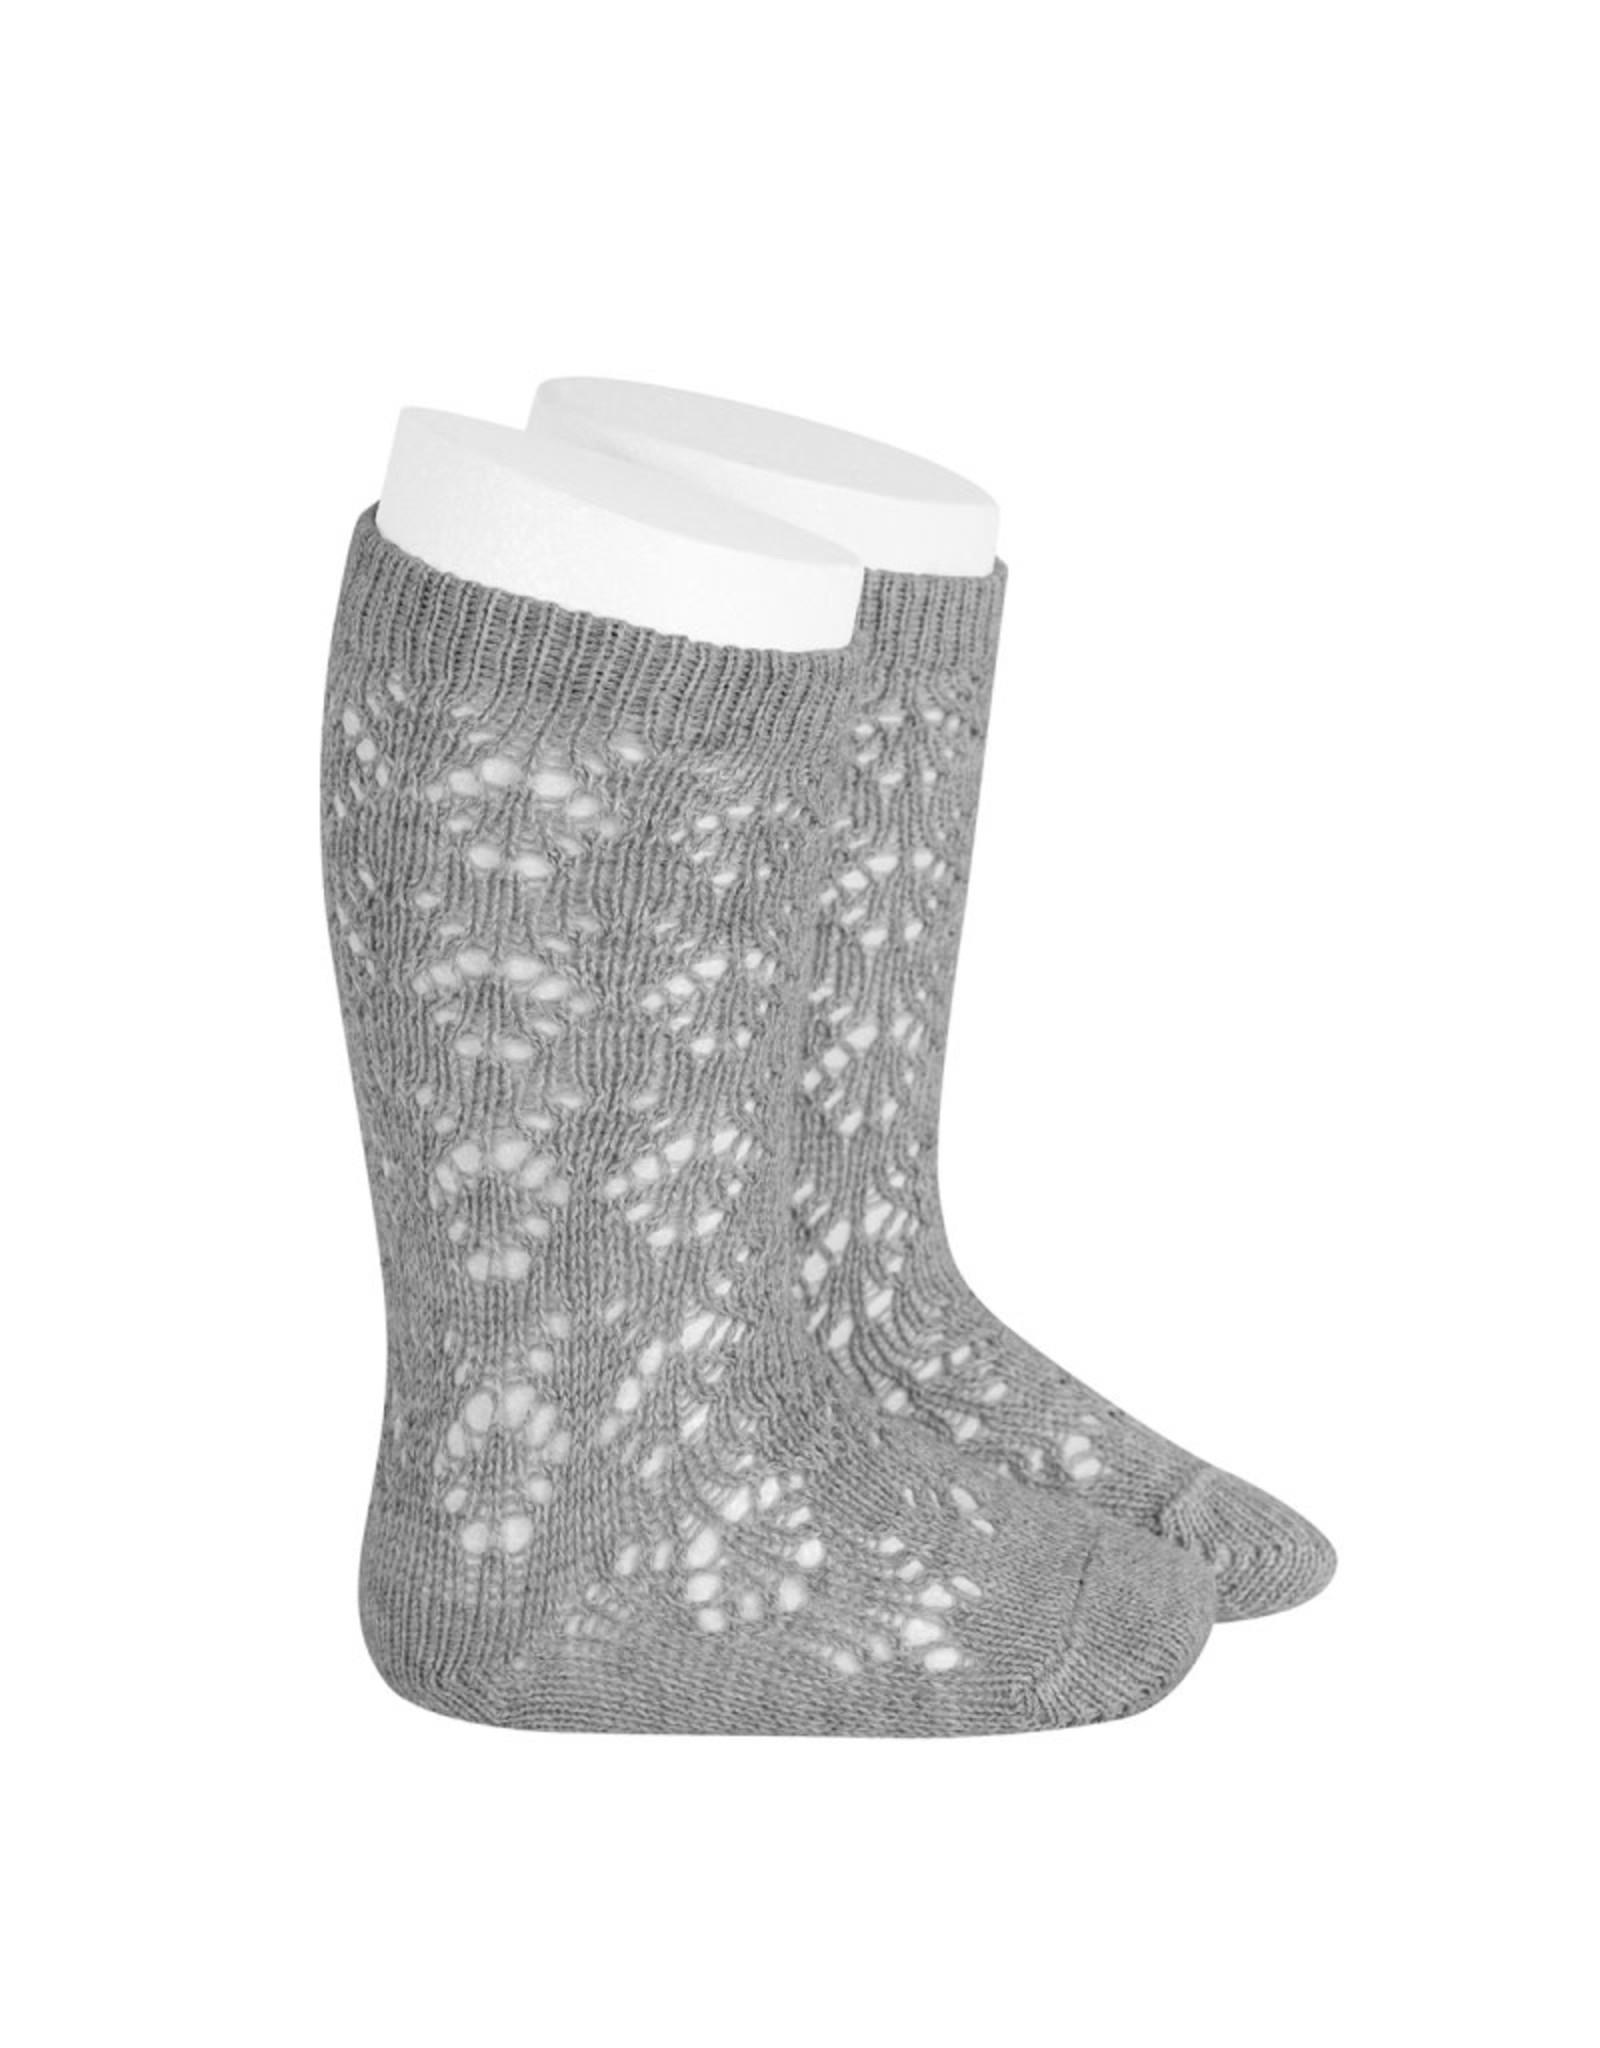 CONDOR Aluminium Geometric Openwork Socks